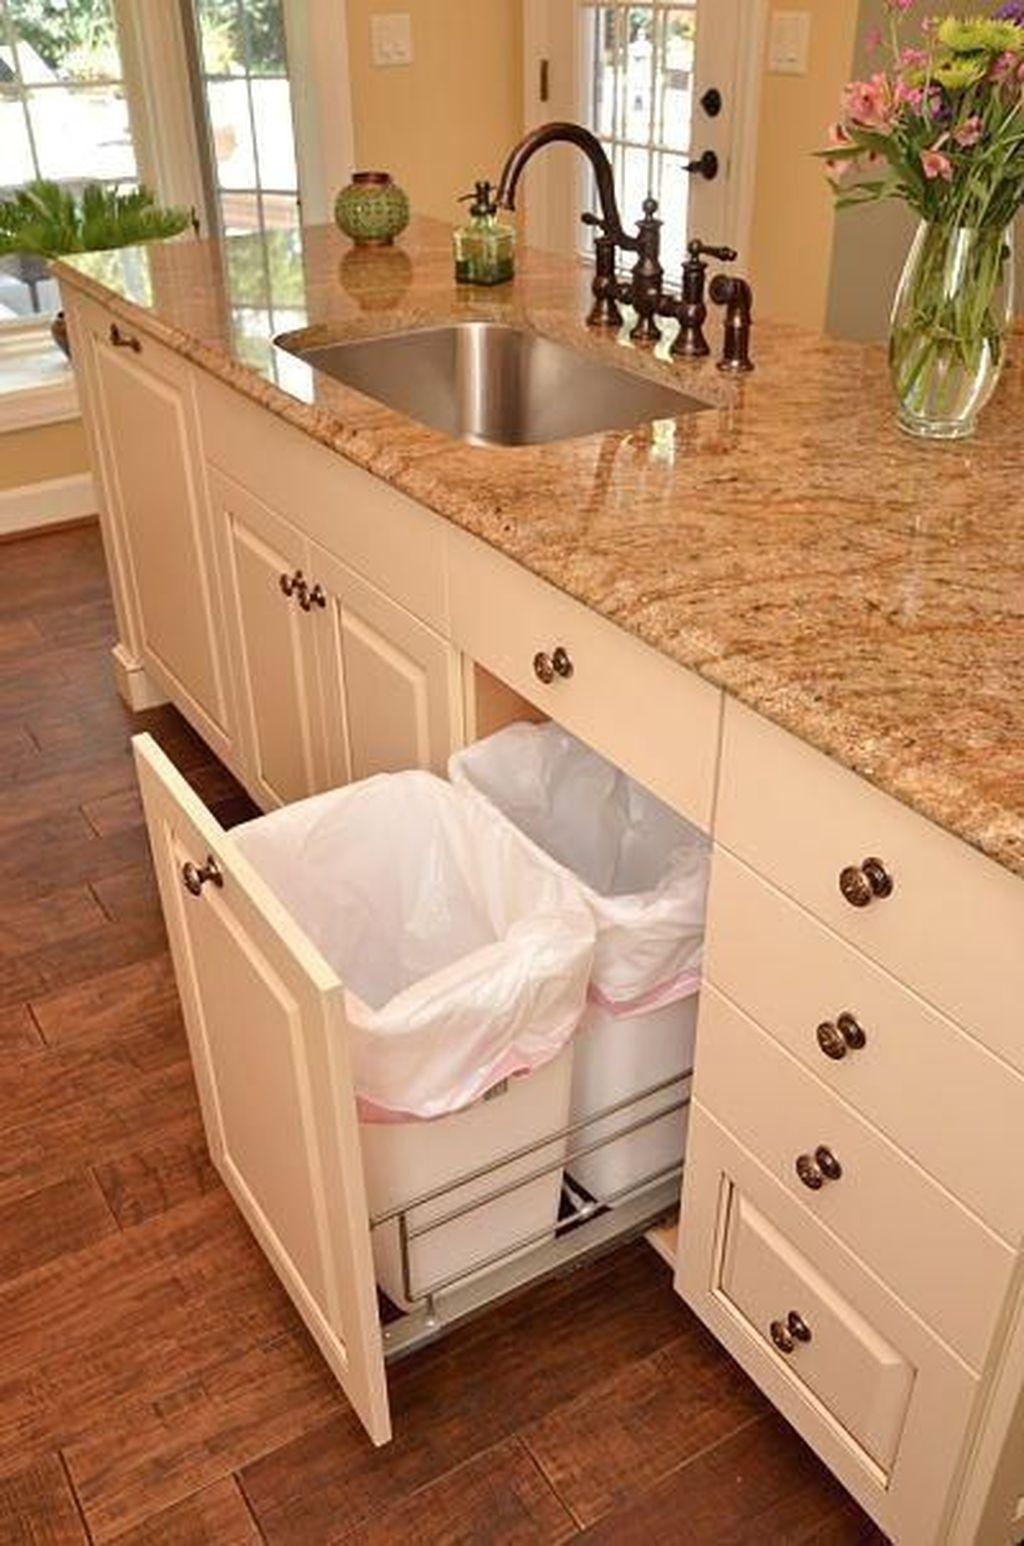 Best Design Ideas For Kitchen Organization Cabinets 28